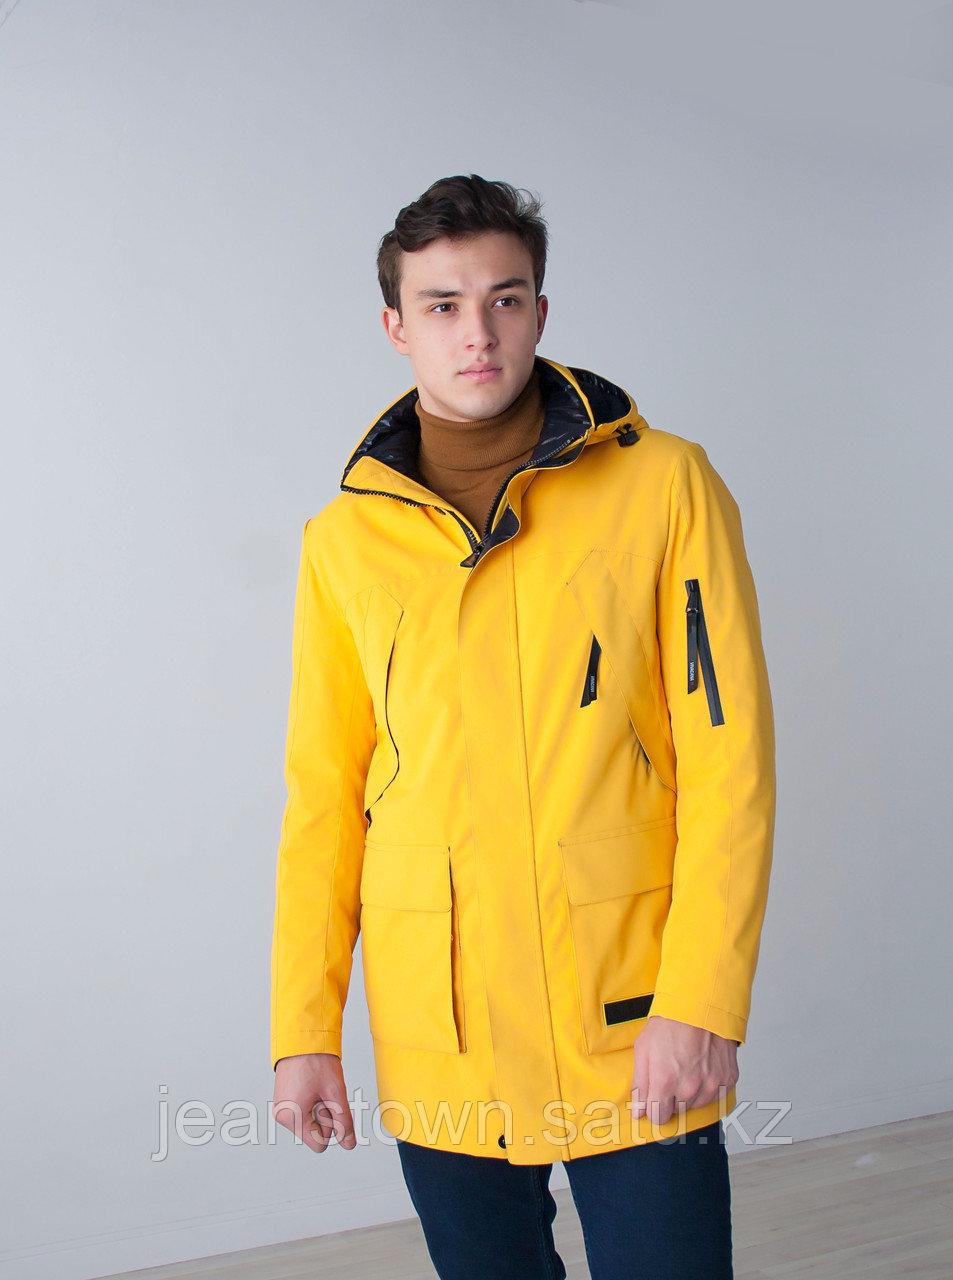 Куртка мужская демисезонная Vivacana желтая - фото 1